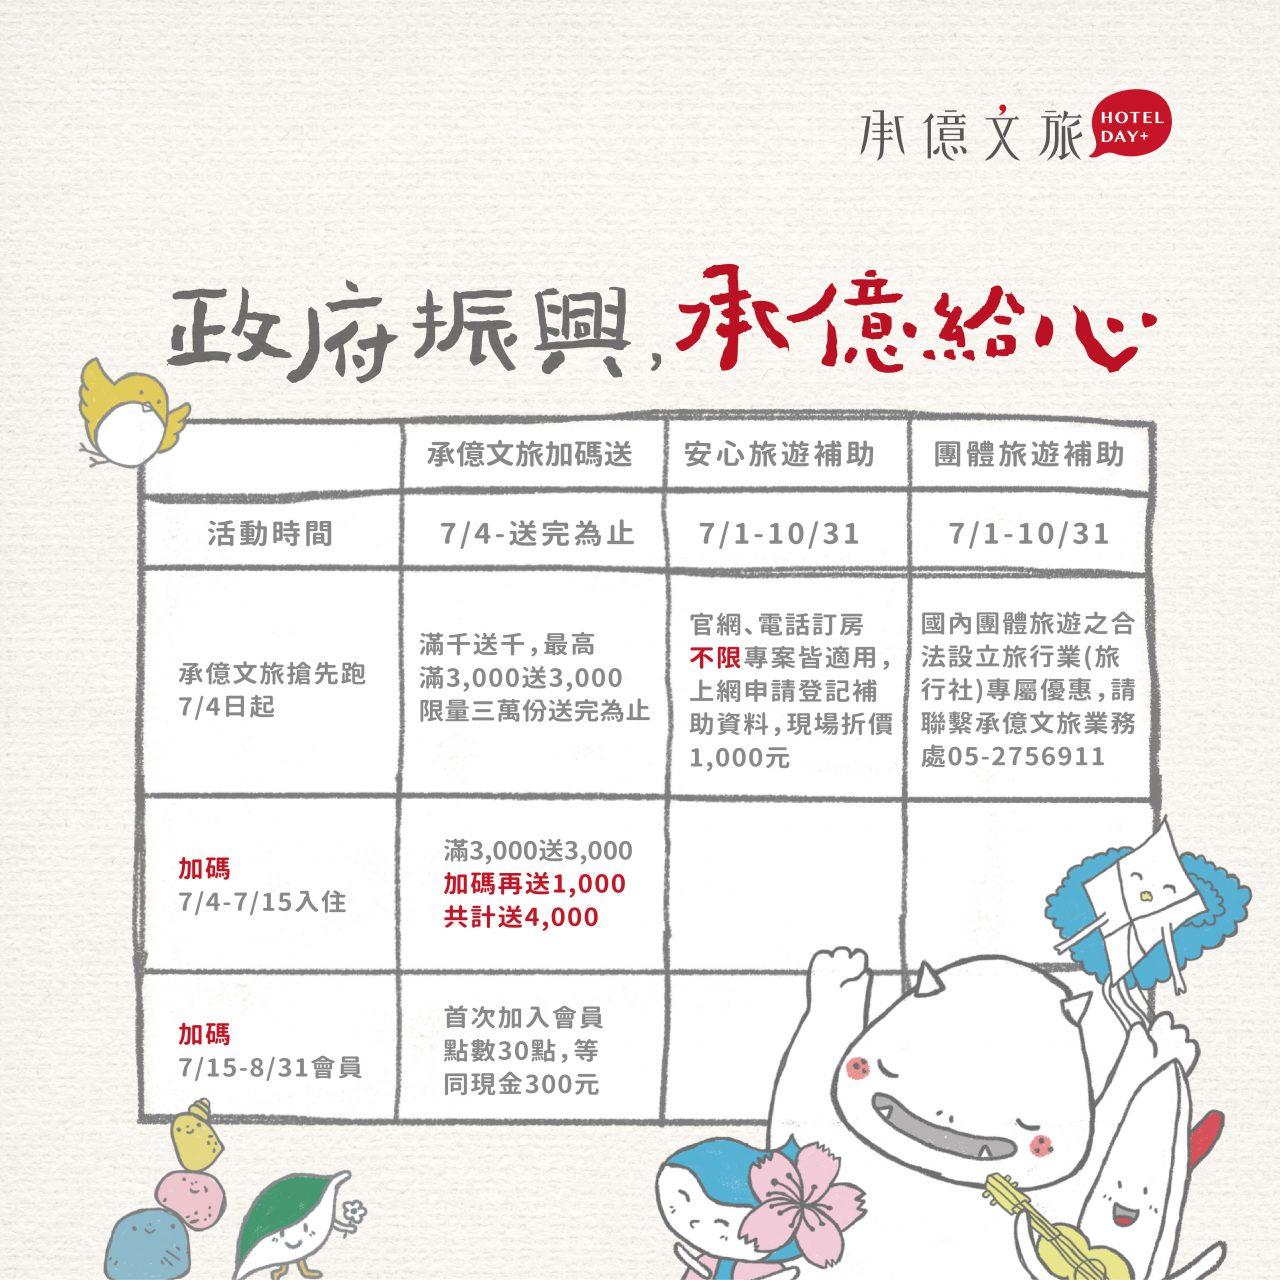 嘉義設計旅店【桃城茶樣子】無邊際網池.網美IG必住